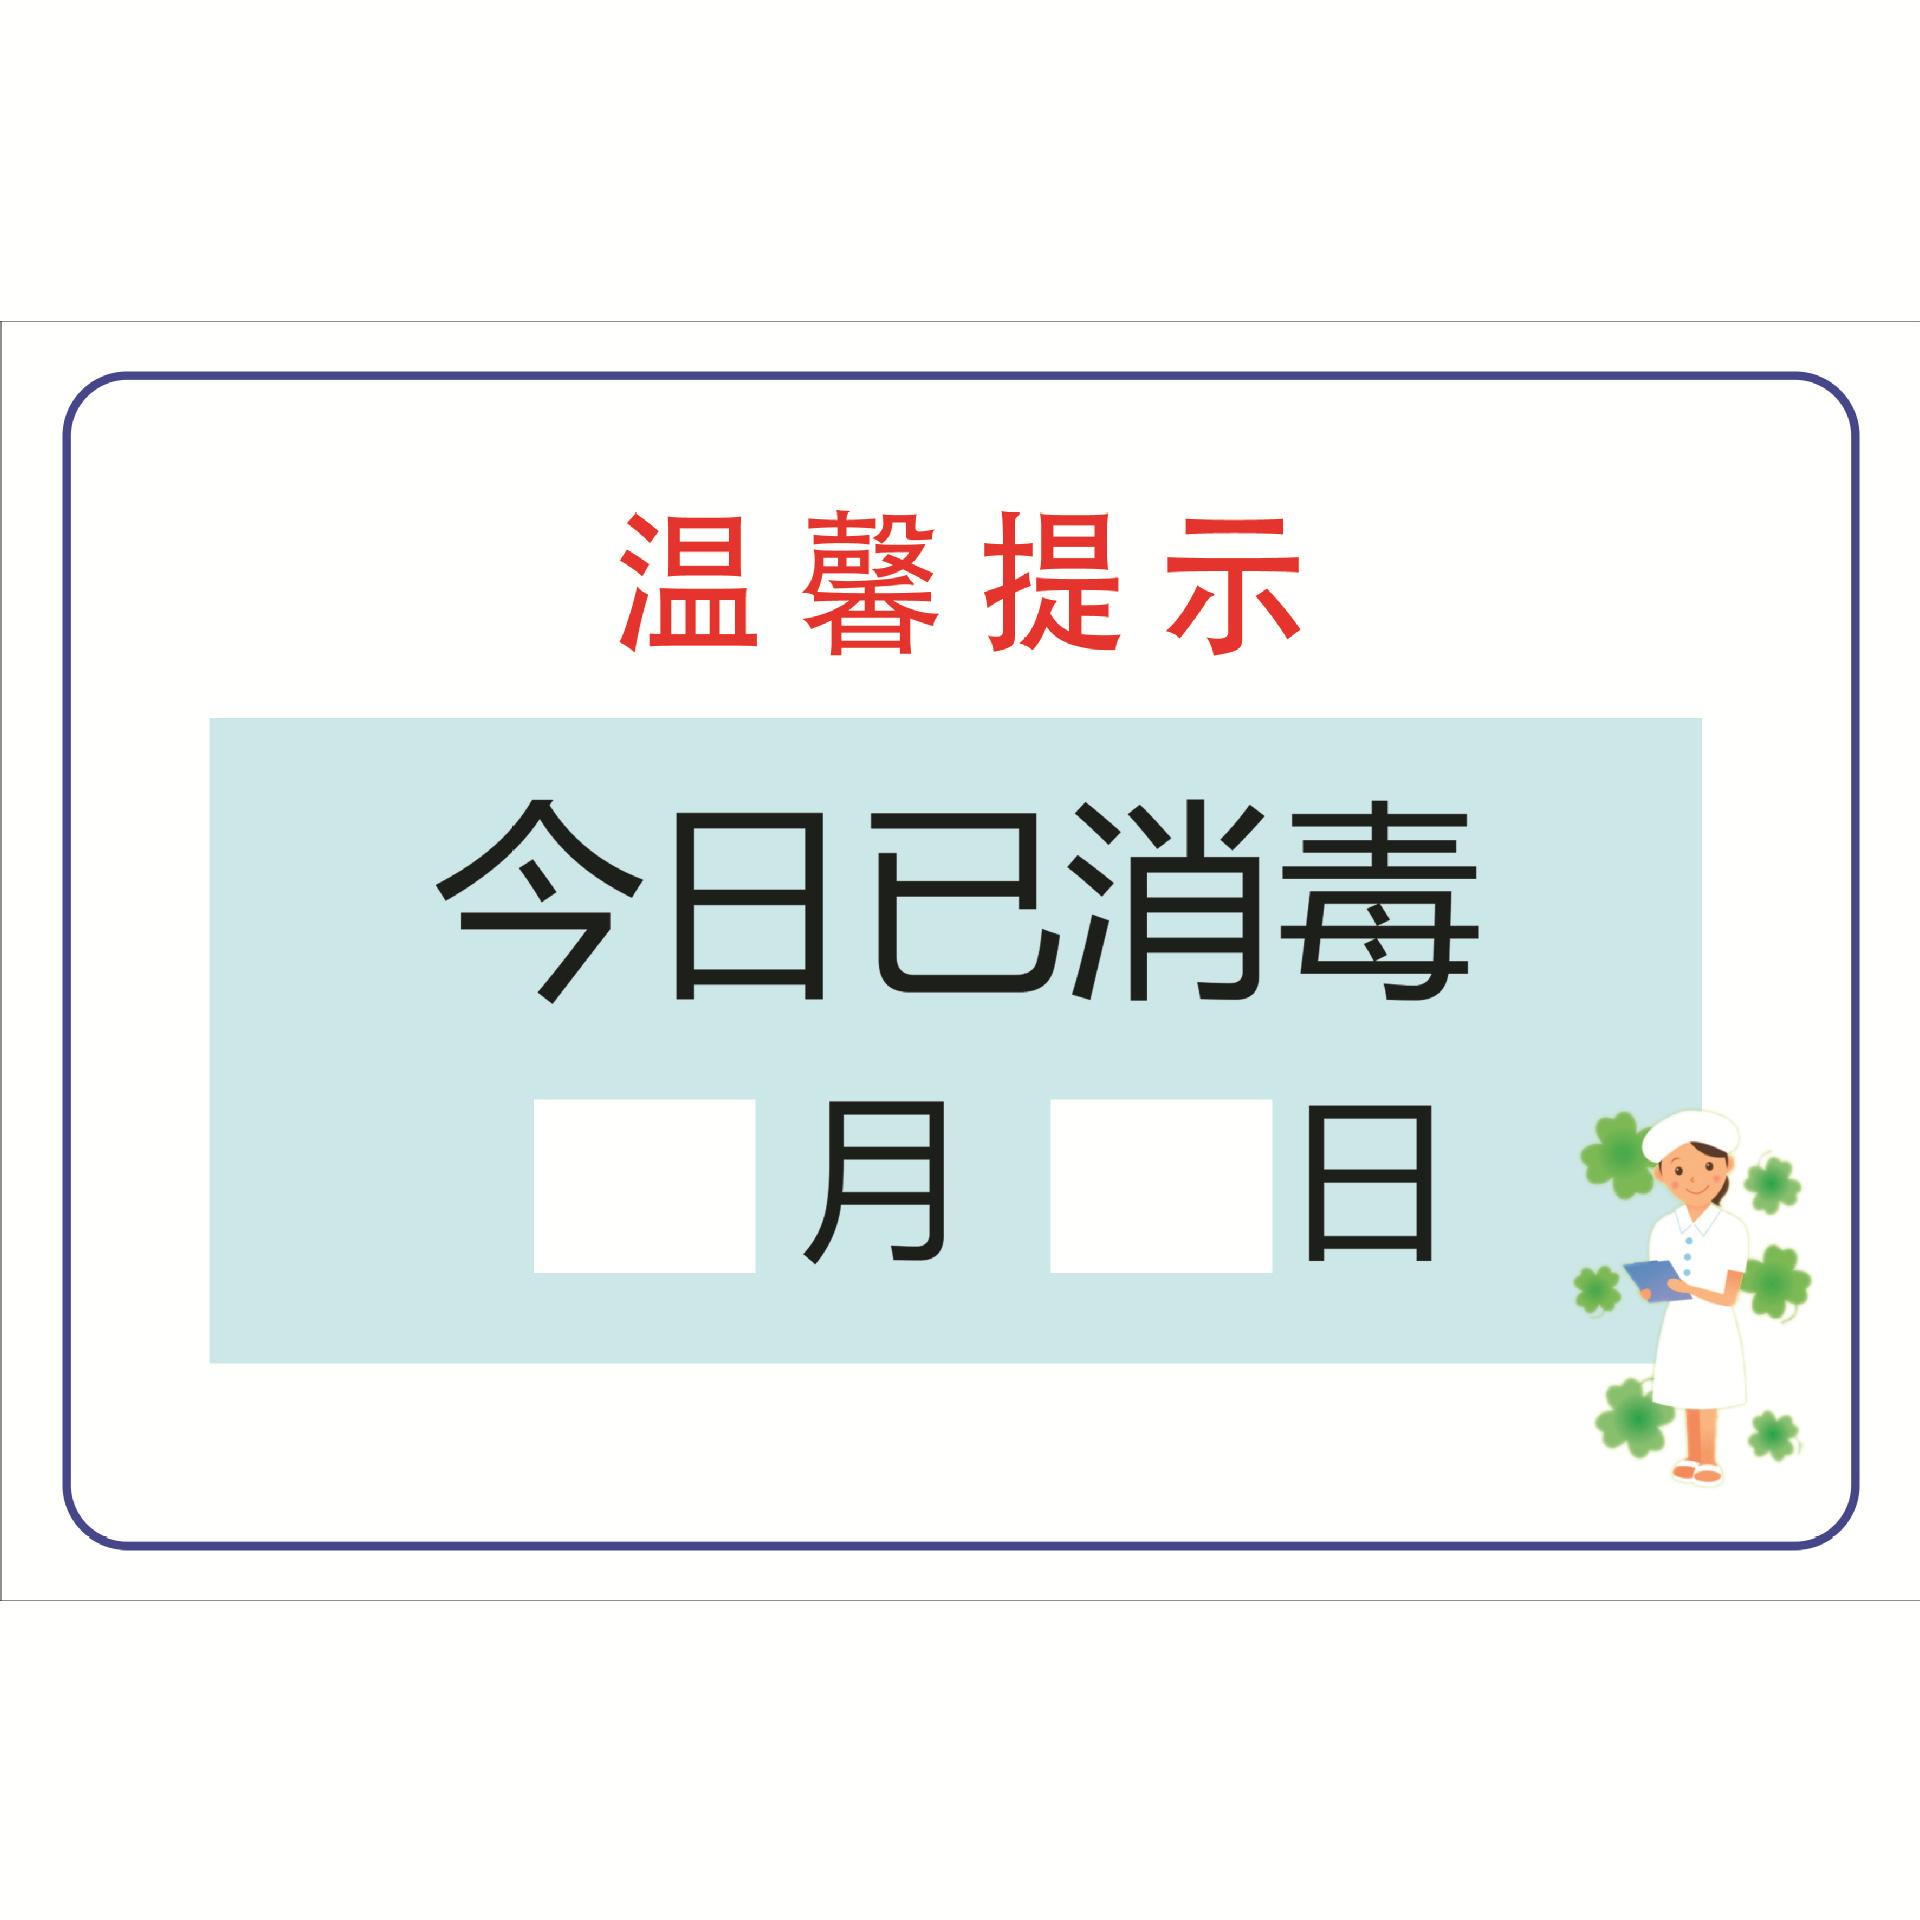 今日已消毒日期标示标识牌标签贴纸医院常州公司车间工厂门面